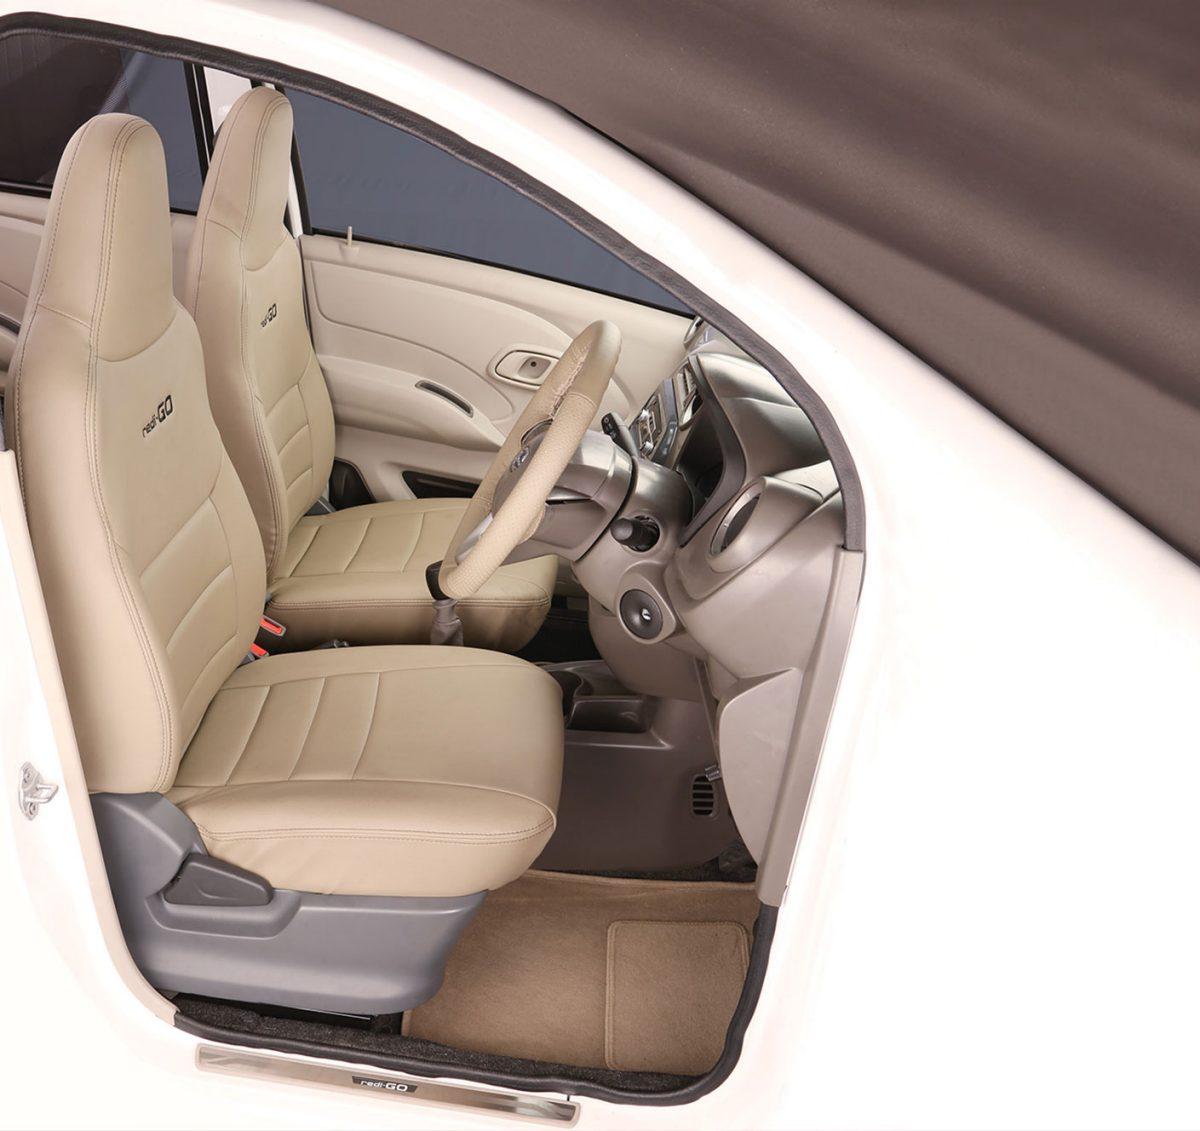 Datsun Redi-GO EasyKit Sporty